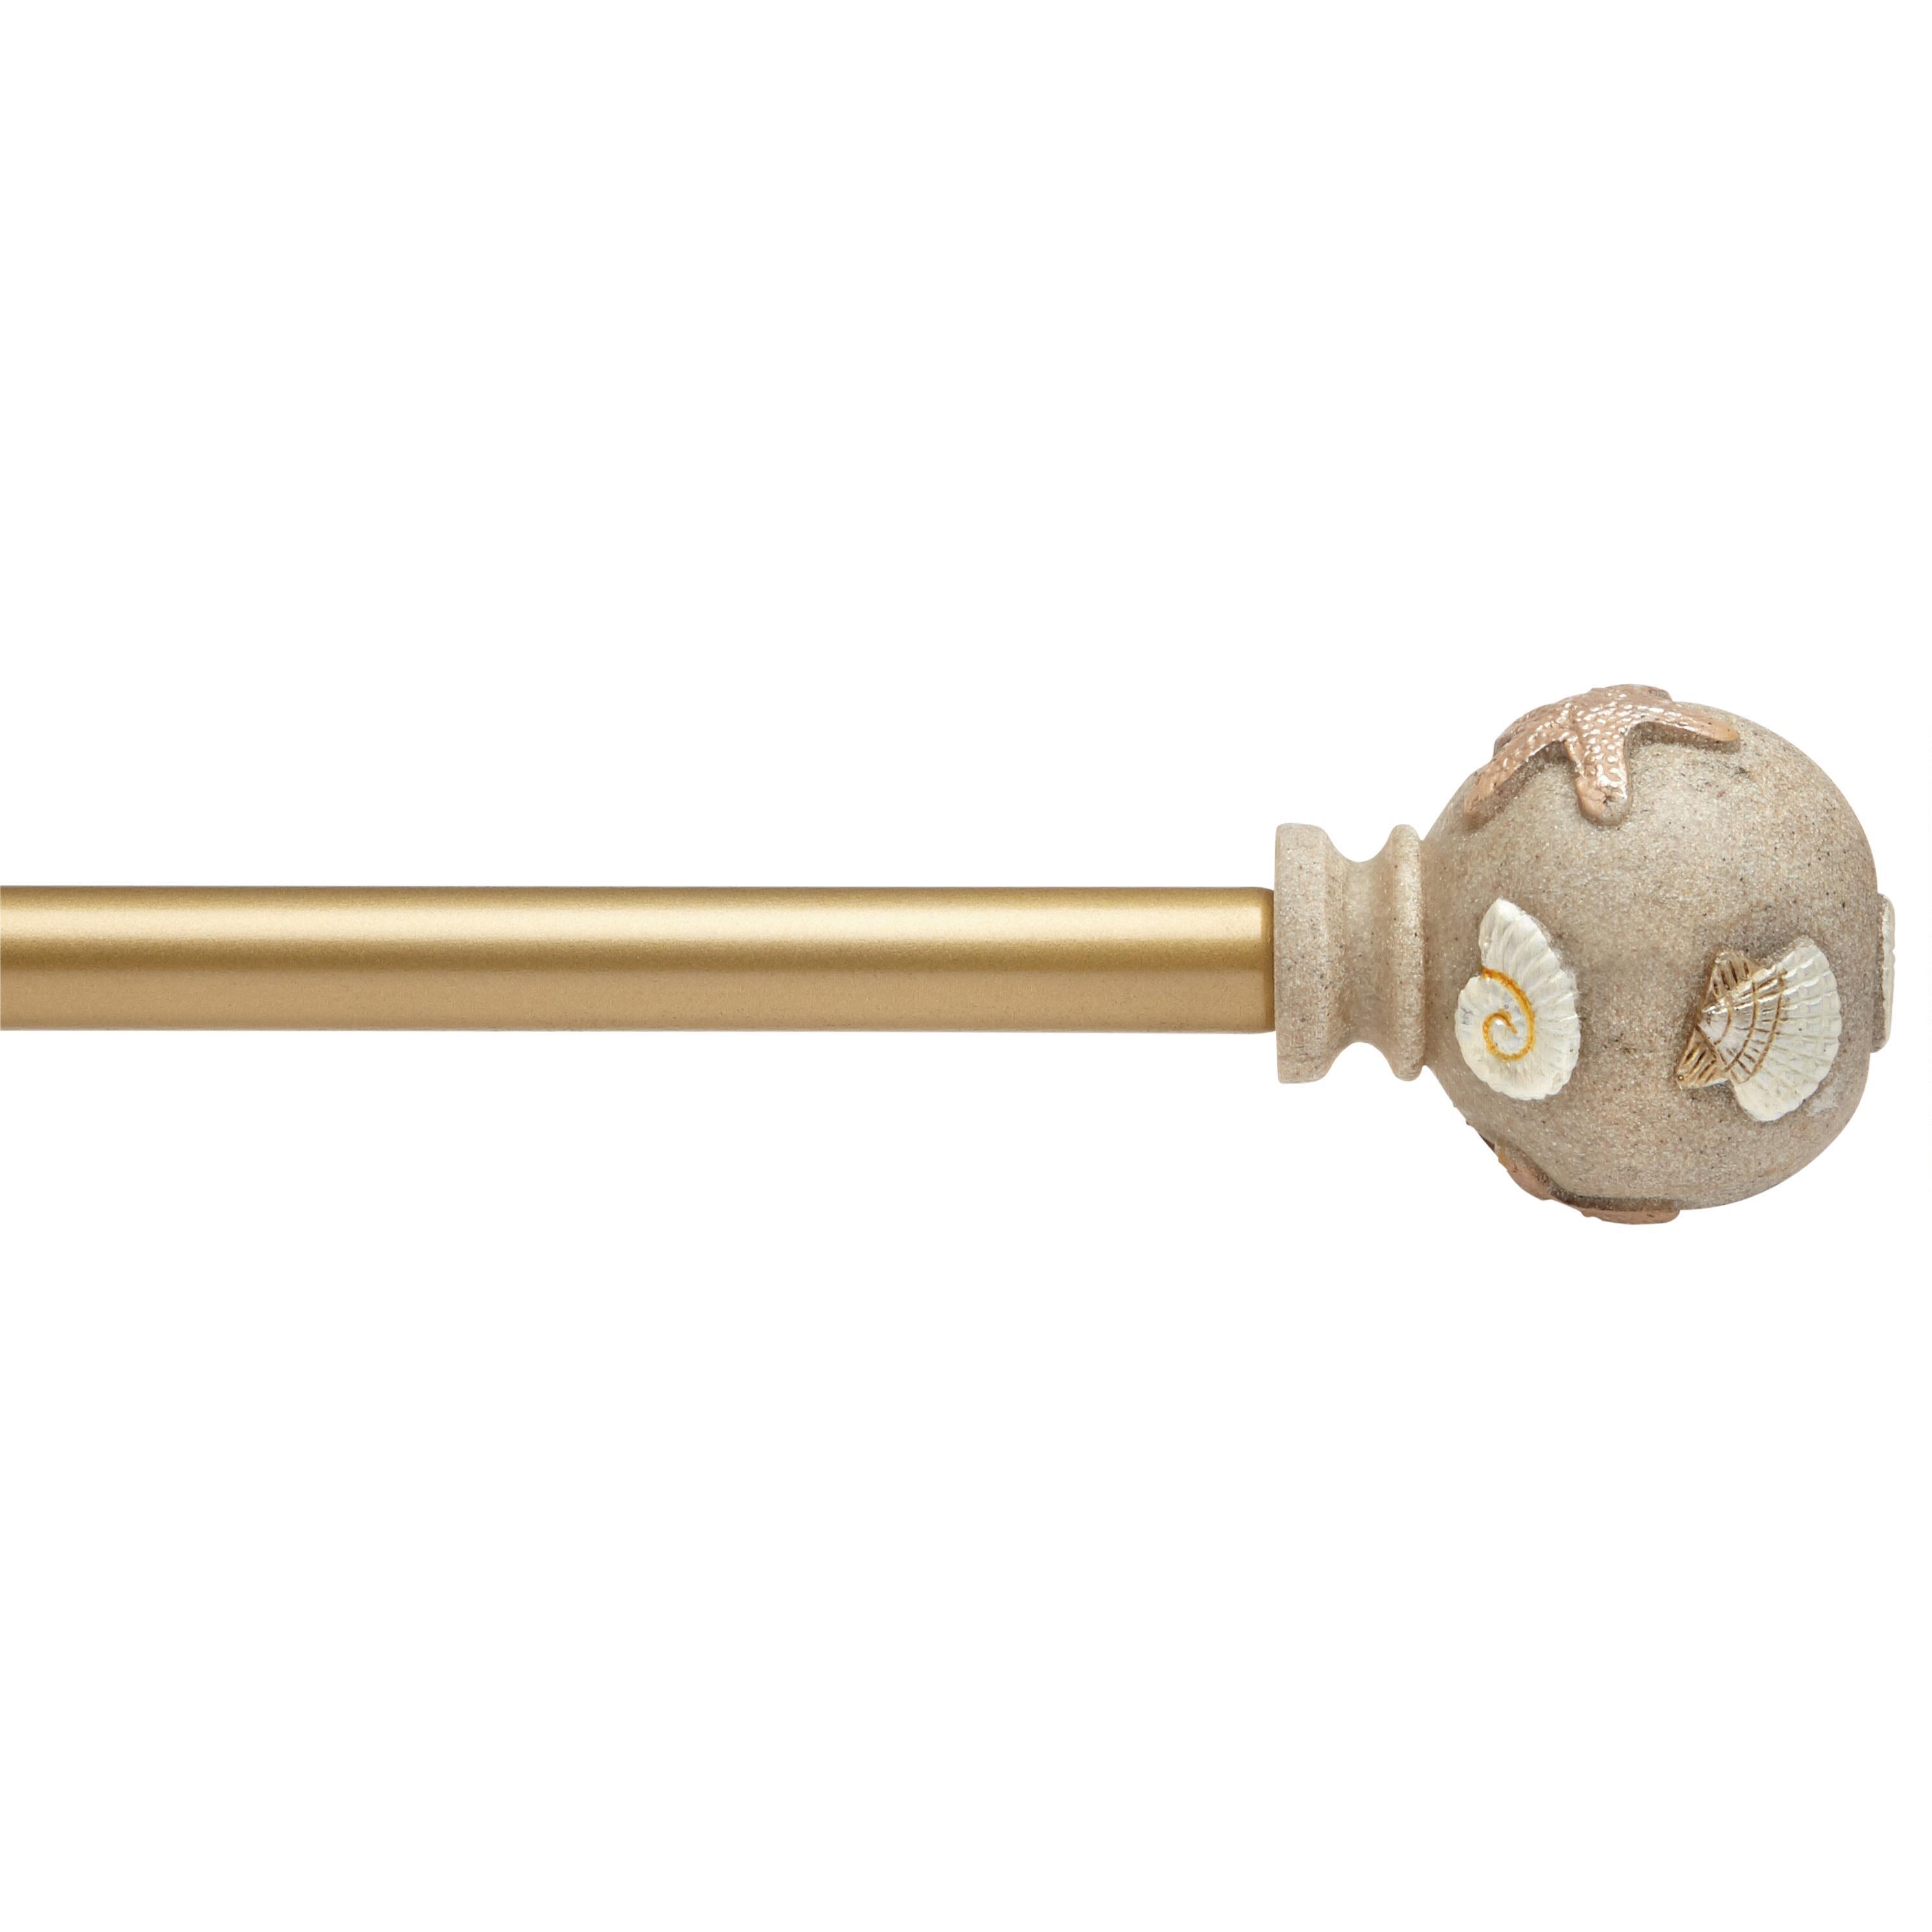 seashell globes adjustable curtain rod